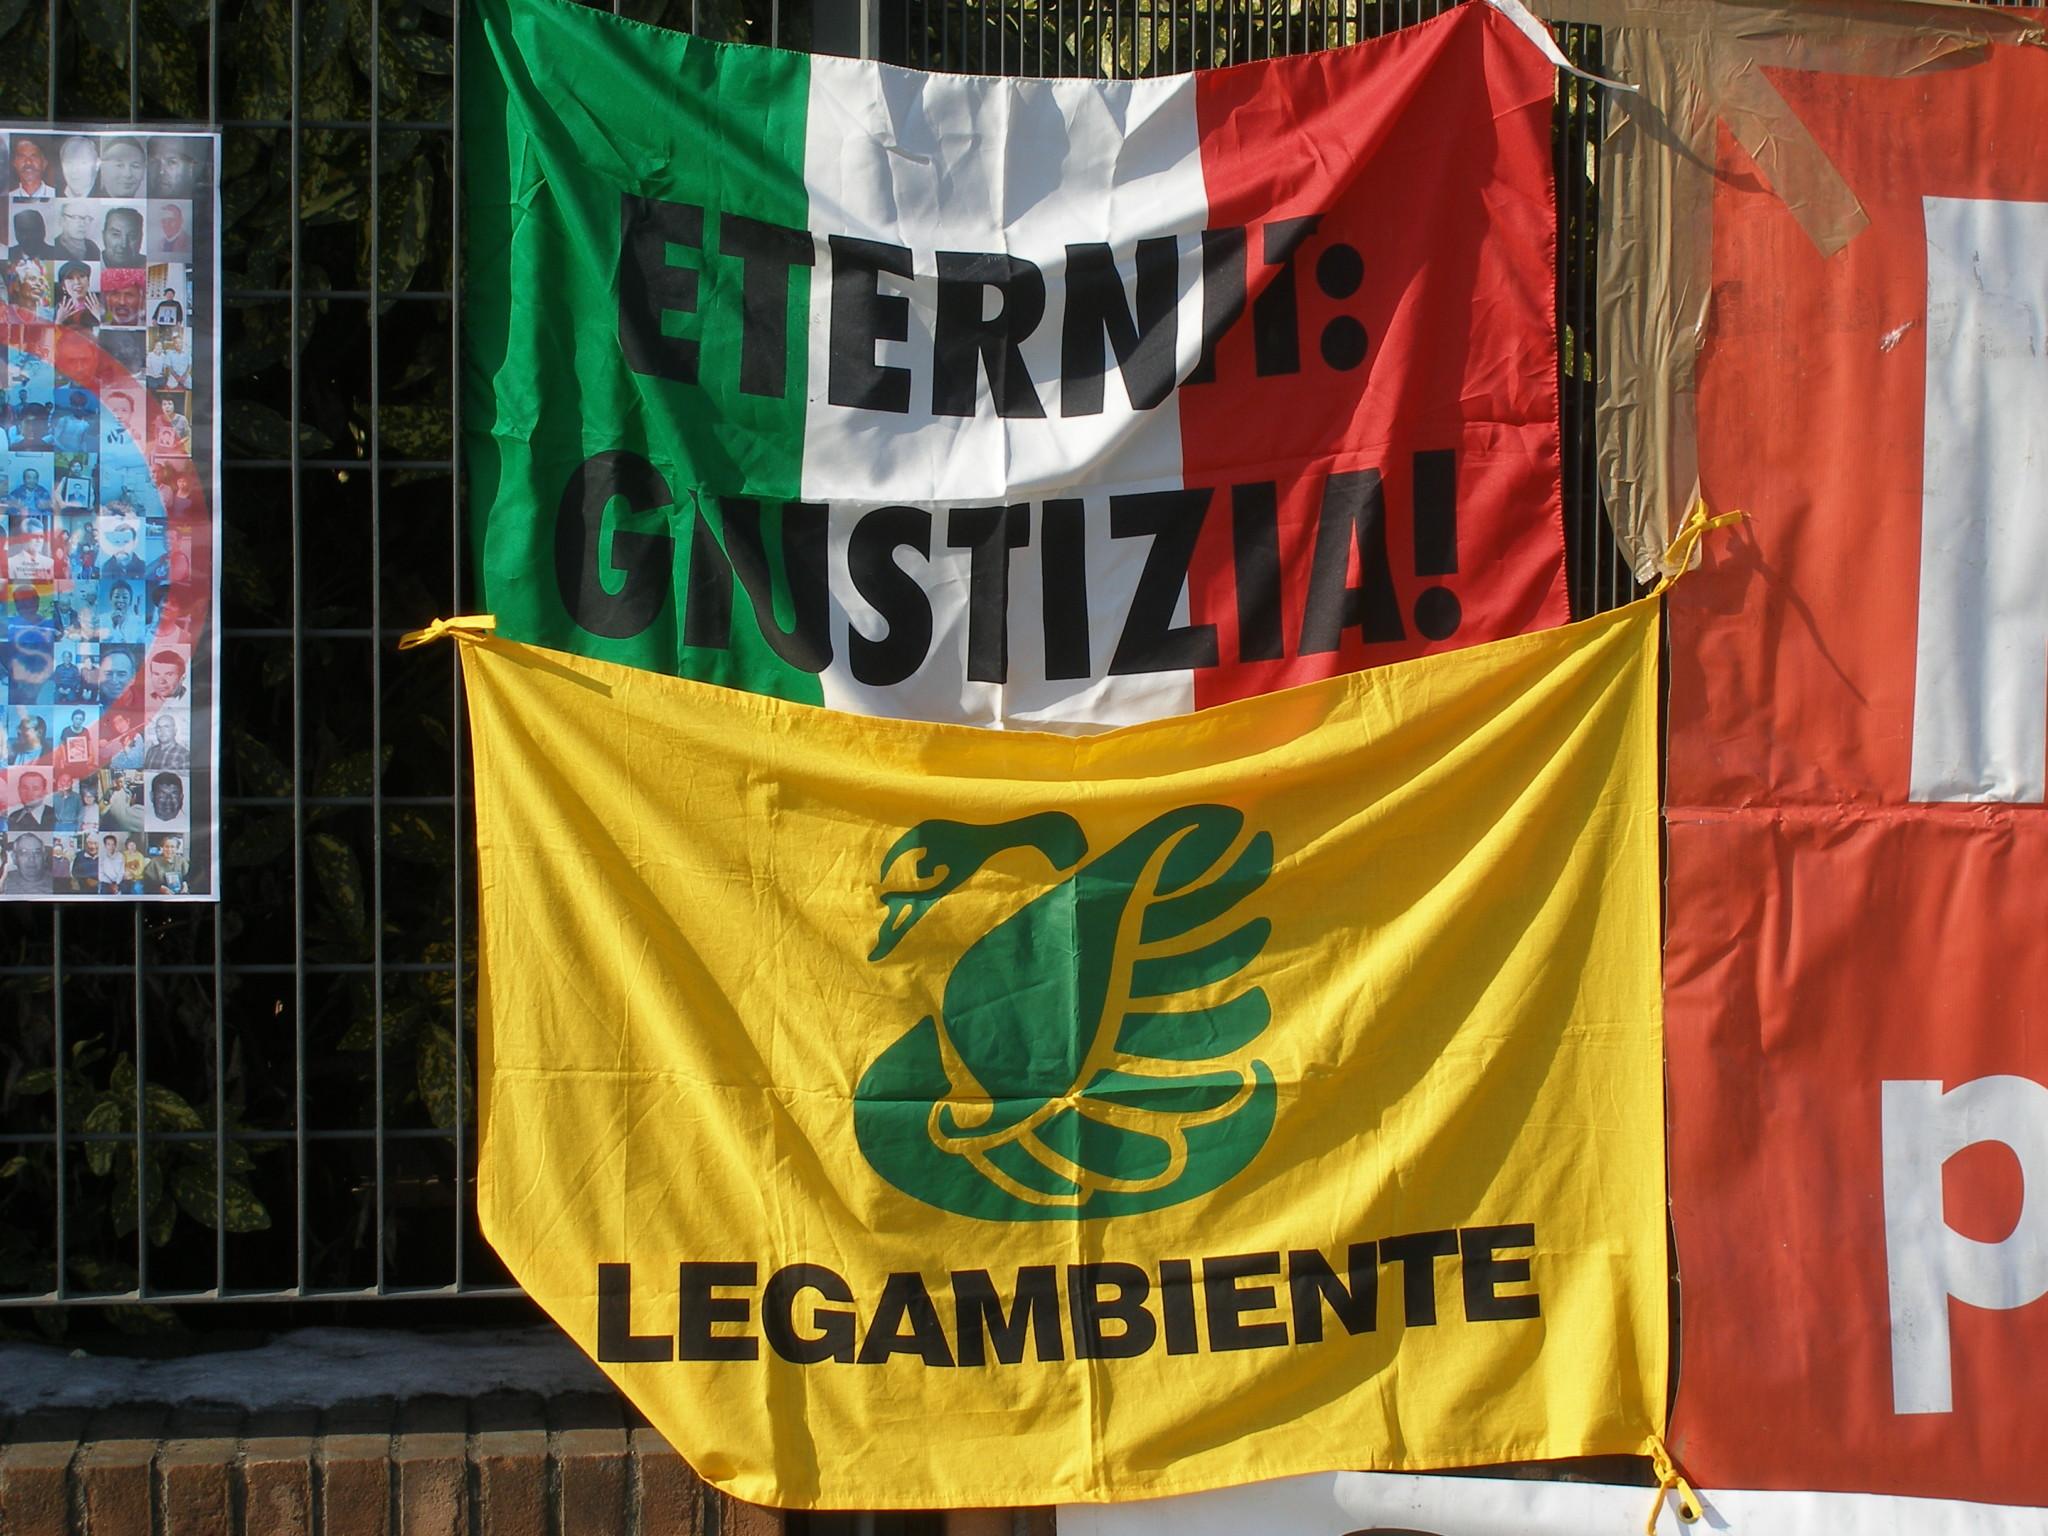 """Eternit Bis, Legambiente: """"Il processo restituisca giustizia alle vittime e alle loro famiglie"""""""